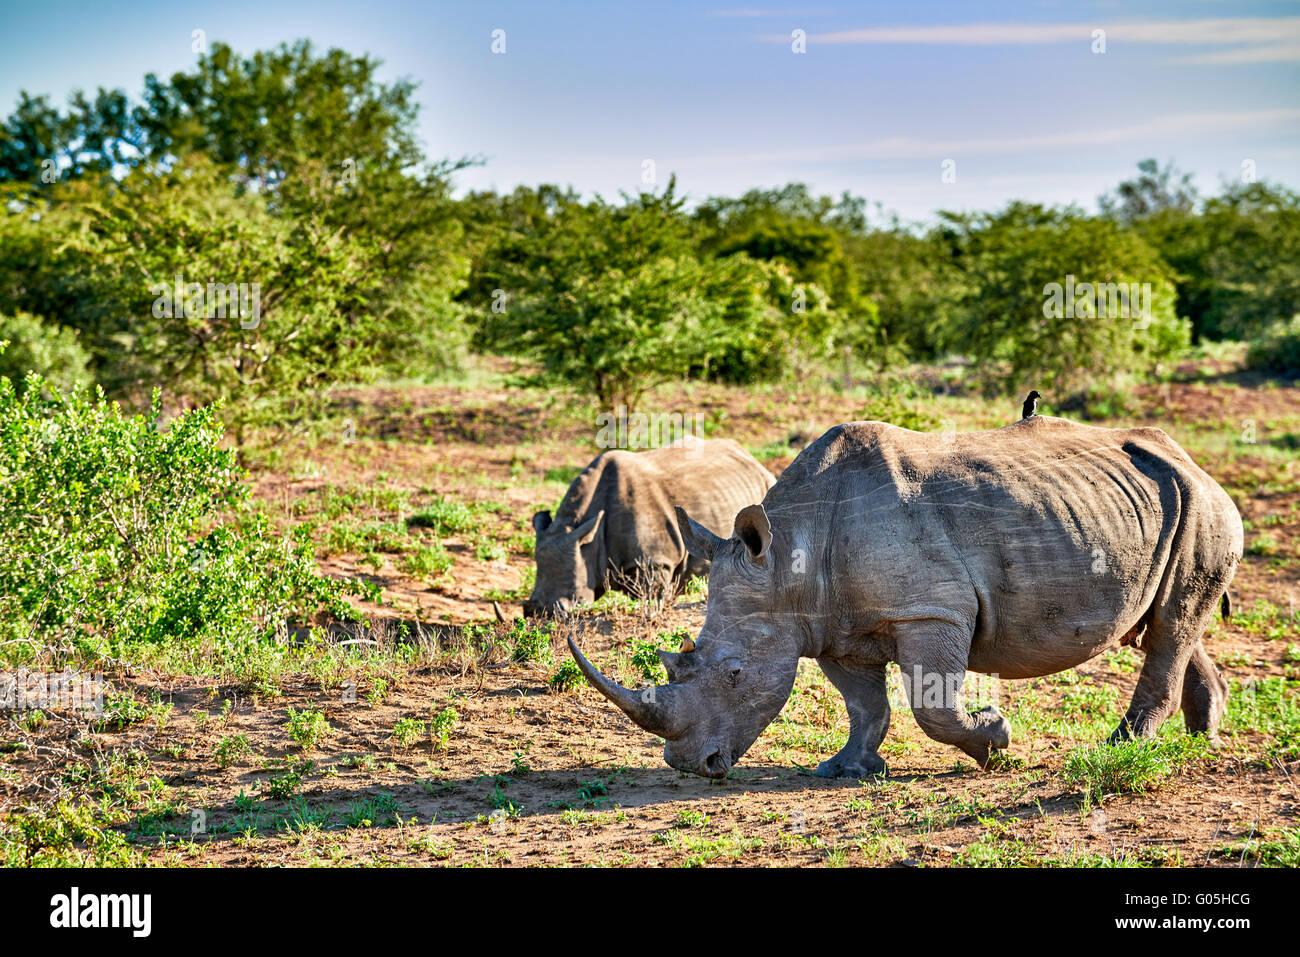 Southern white rhinoceros (Ceratotherium simum), Hluhluwe–Imfolozi Park, KwaZulu-Natal, South Africa - Stock Image